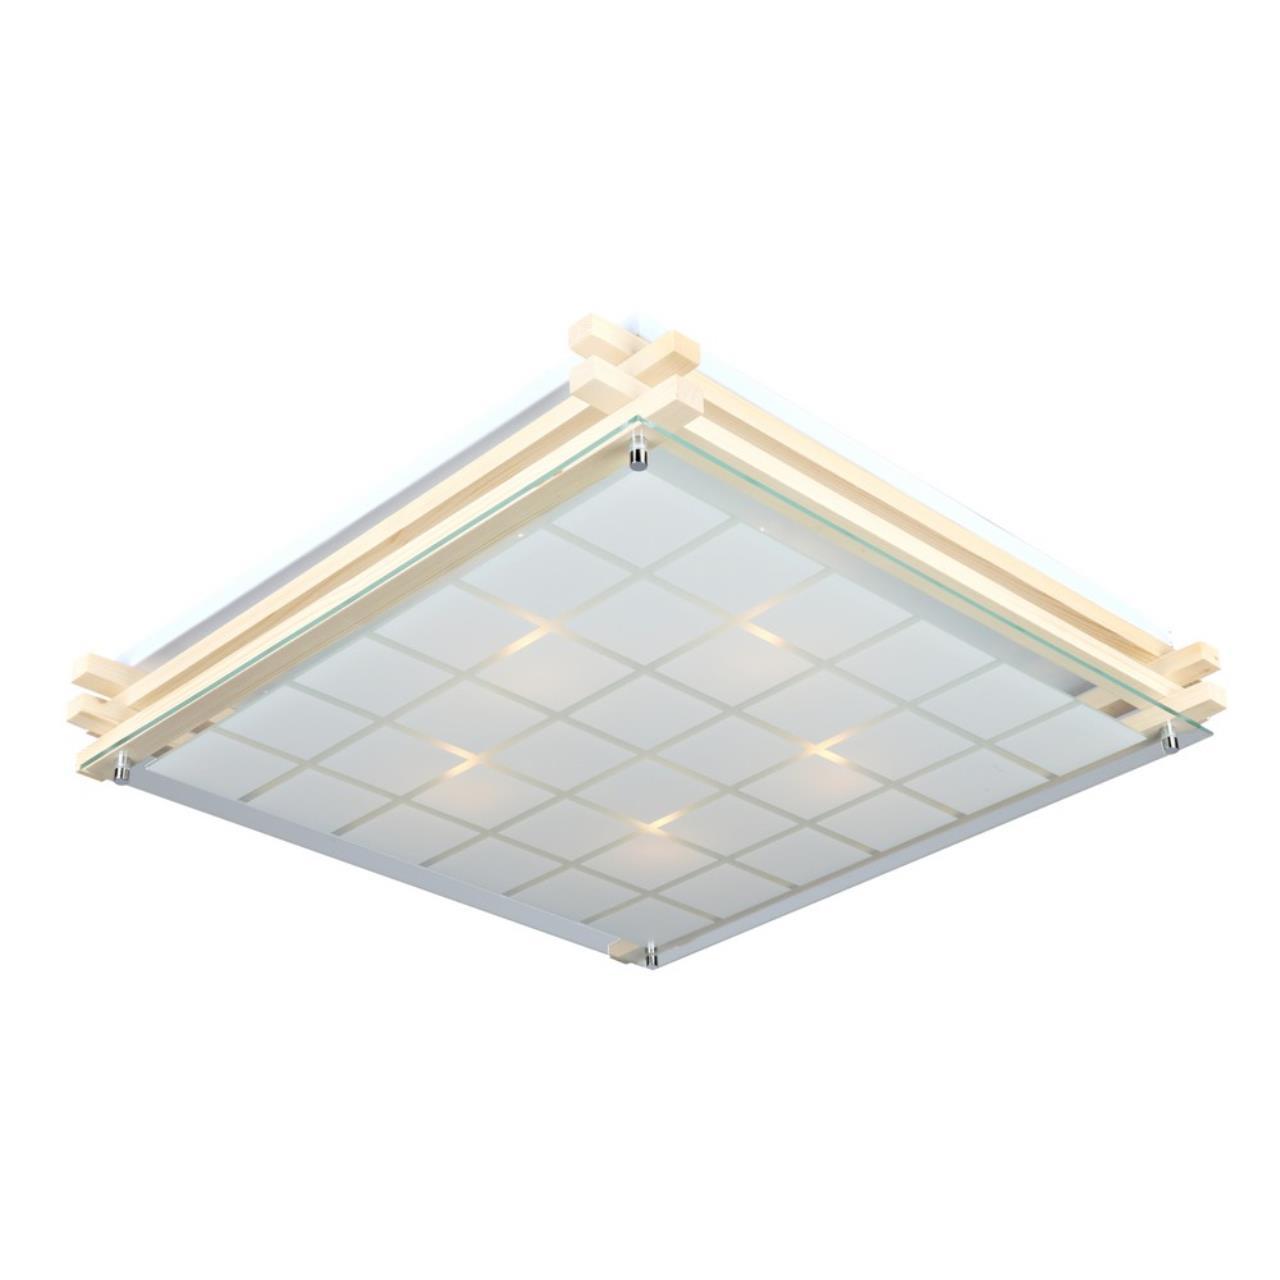 Настенно-потолочный светильник Omnilux OML-40517-05